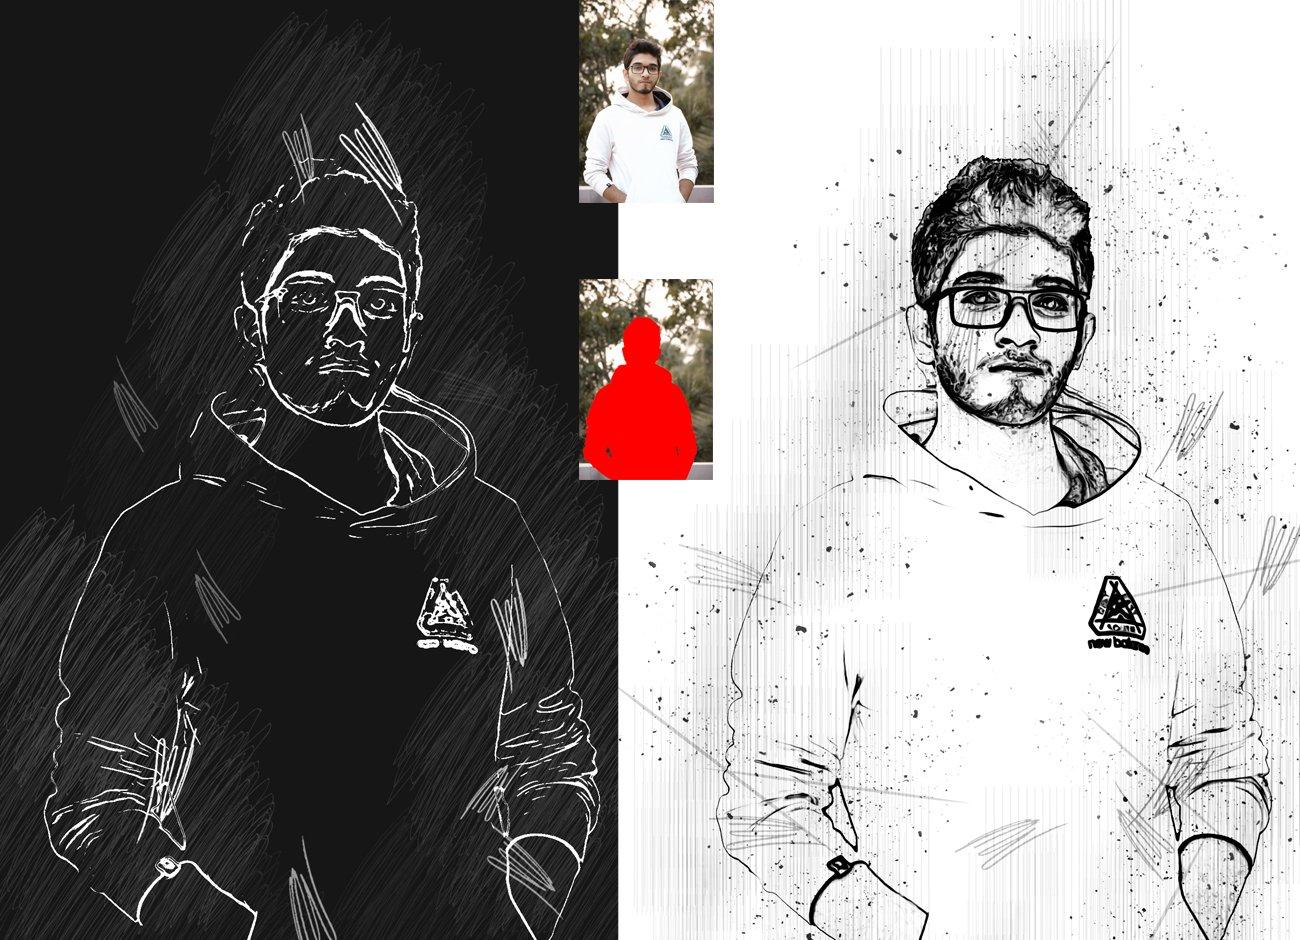 黑白素描艺术画效果照片处理特效PS动作素材 Black & White Sketch PS Action插图4